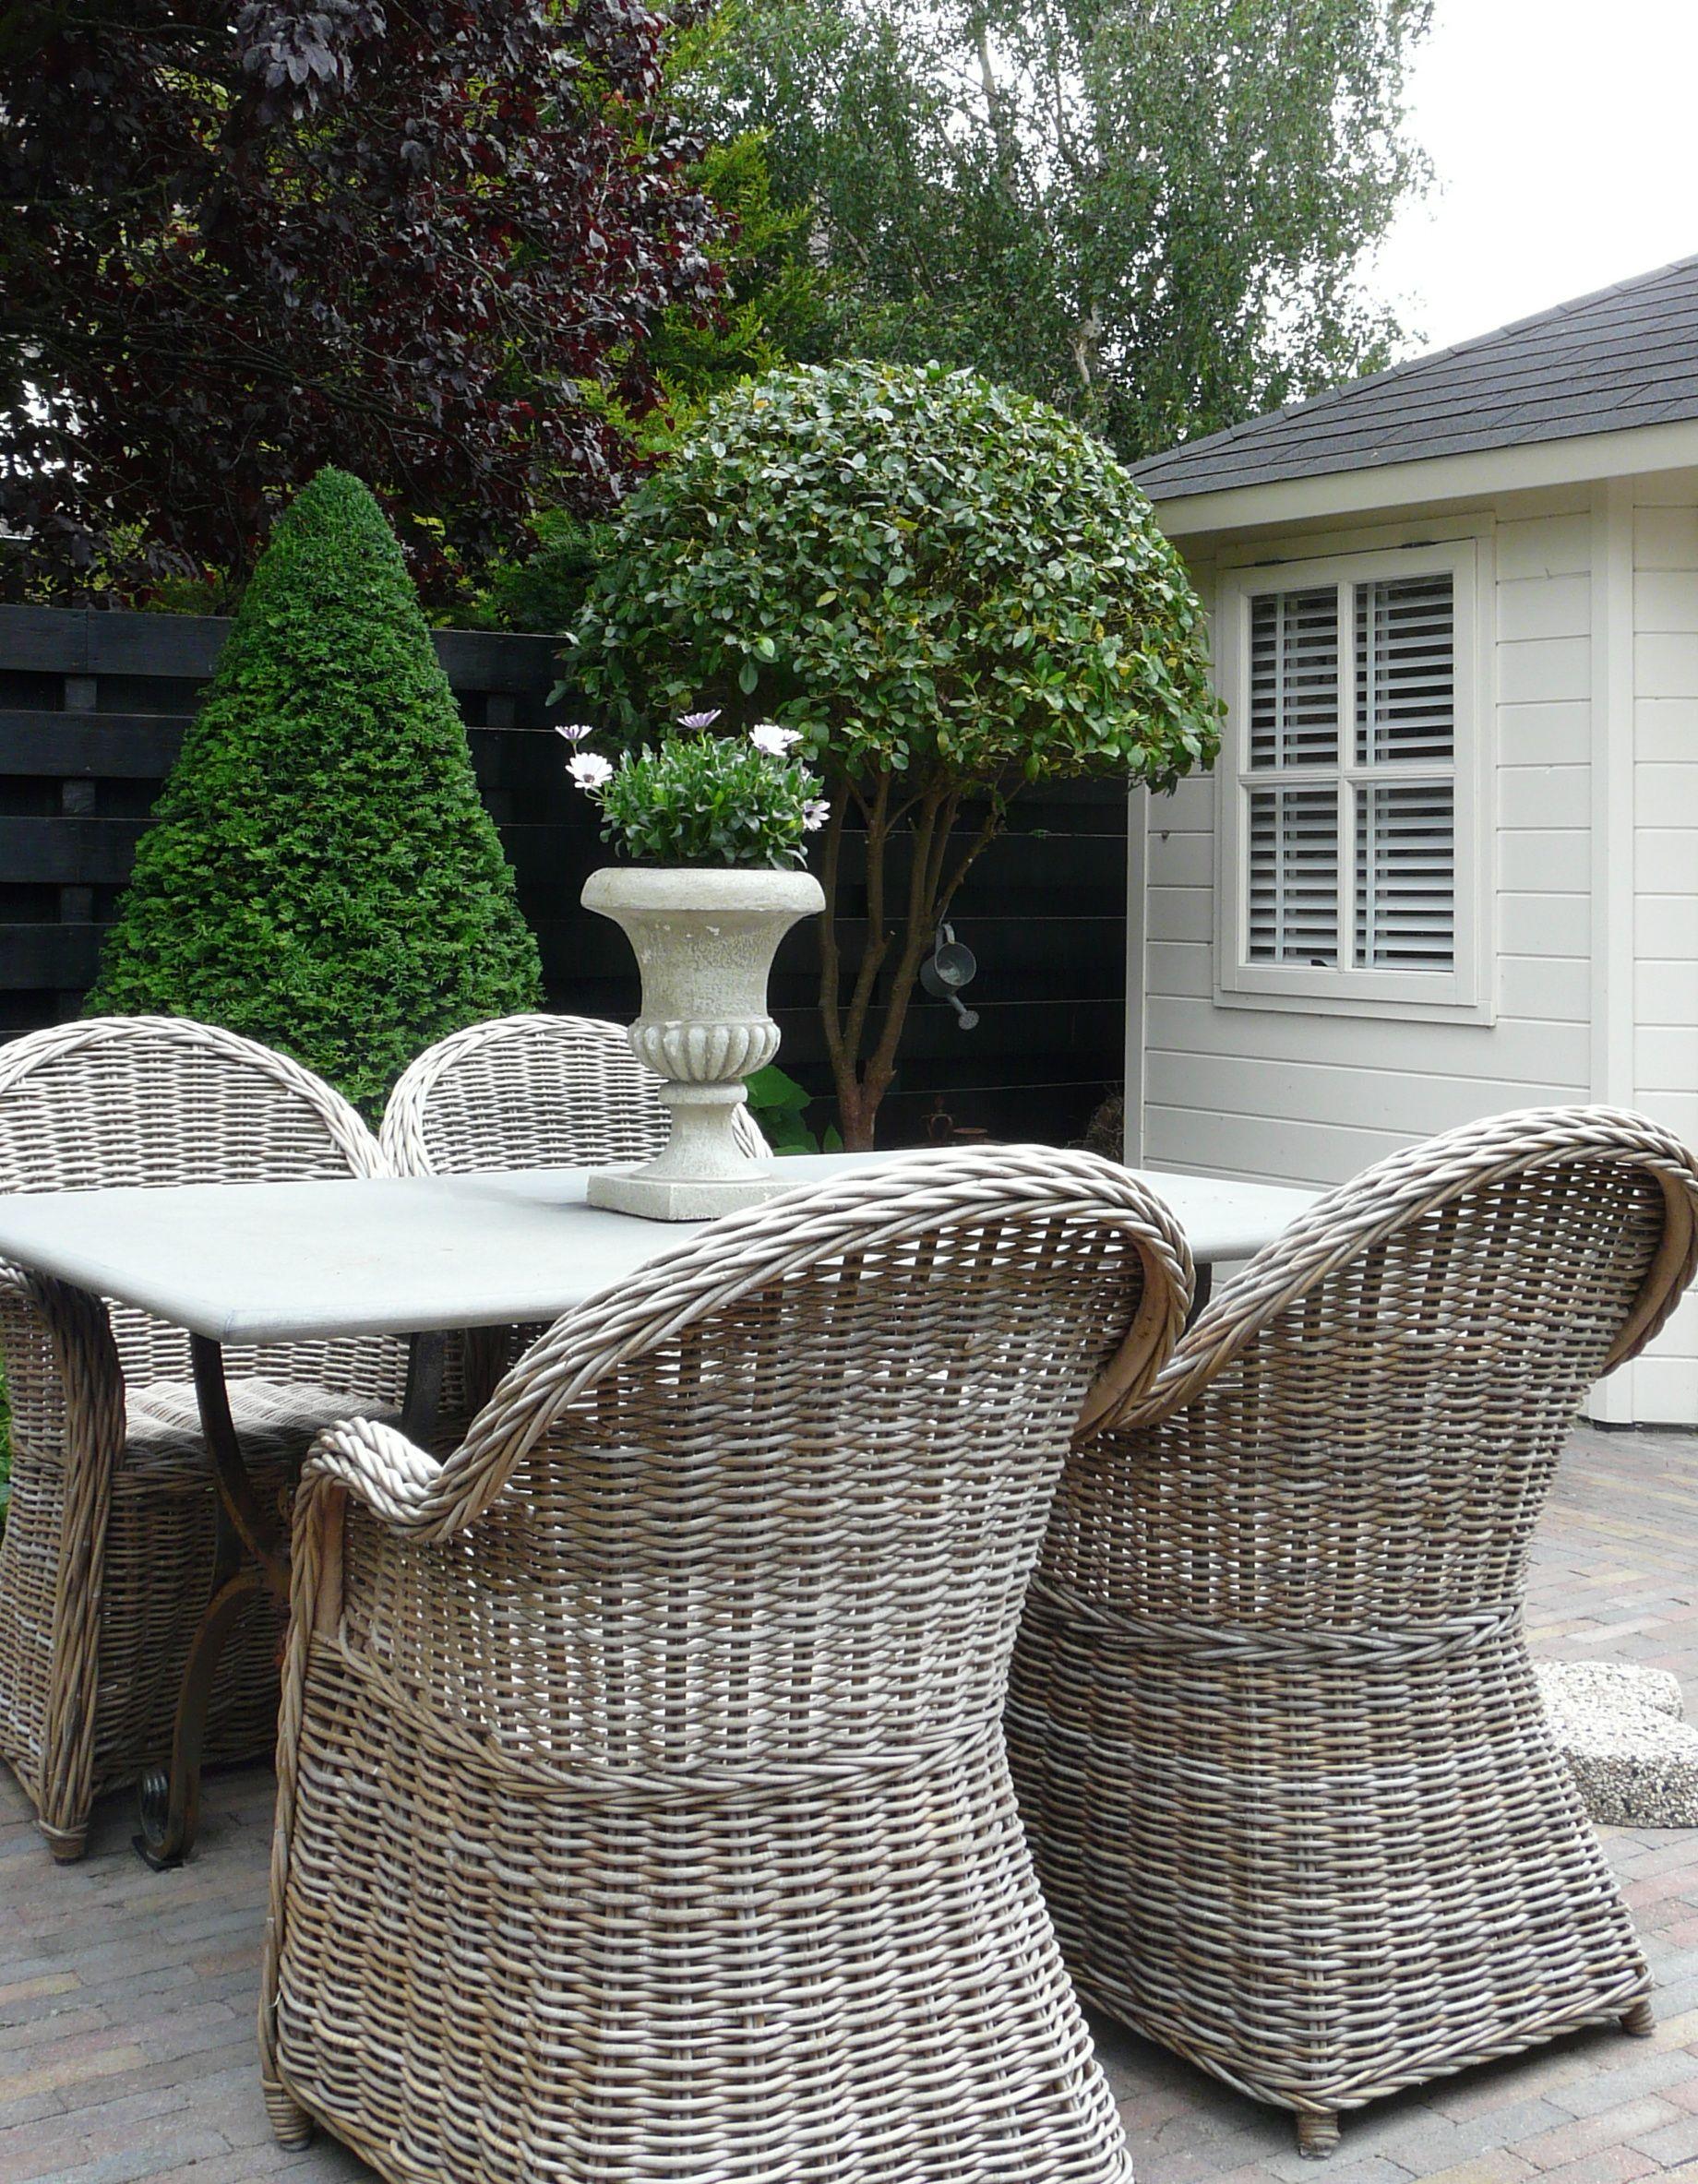 Great Outdoor Dining Chairs Gardens Garten Terrasse Korbmöbel